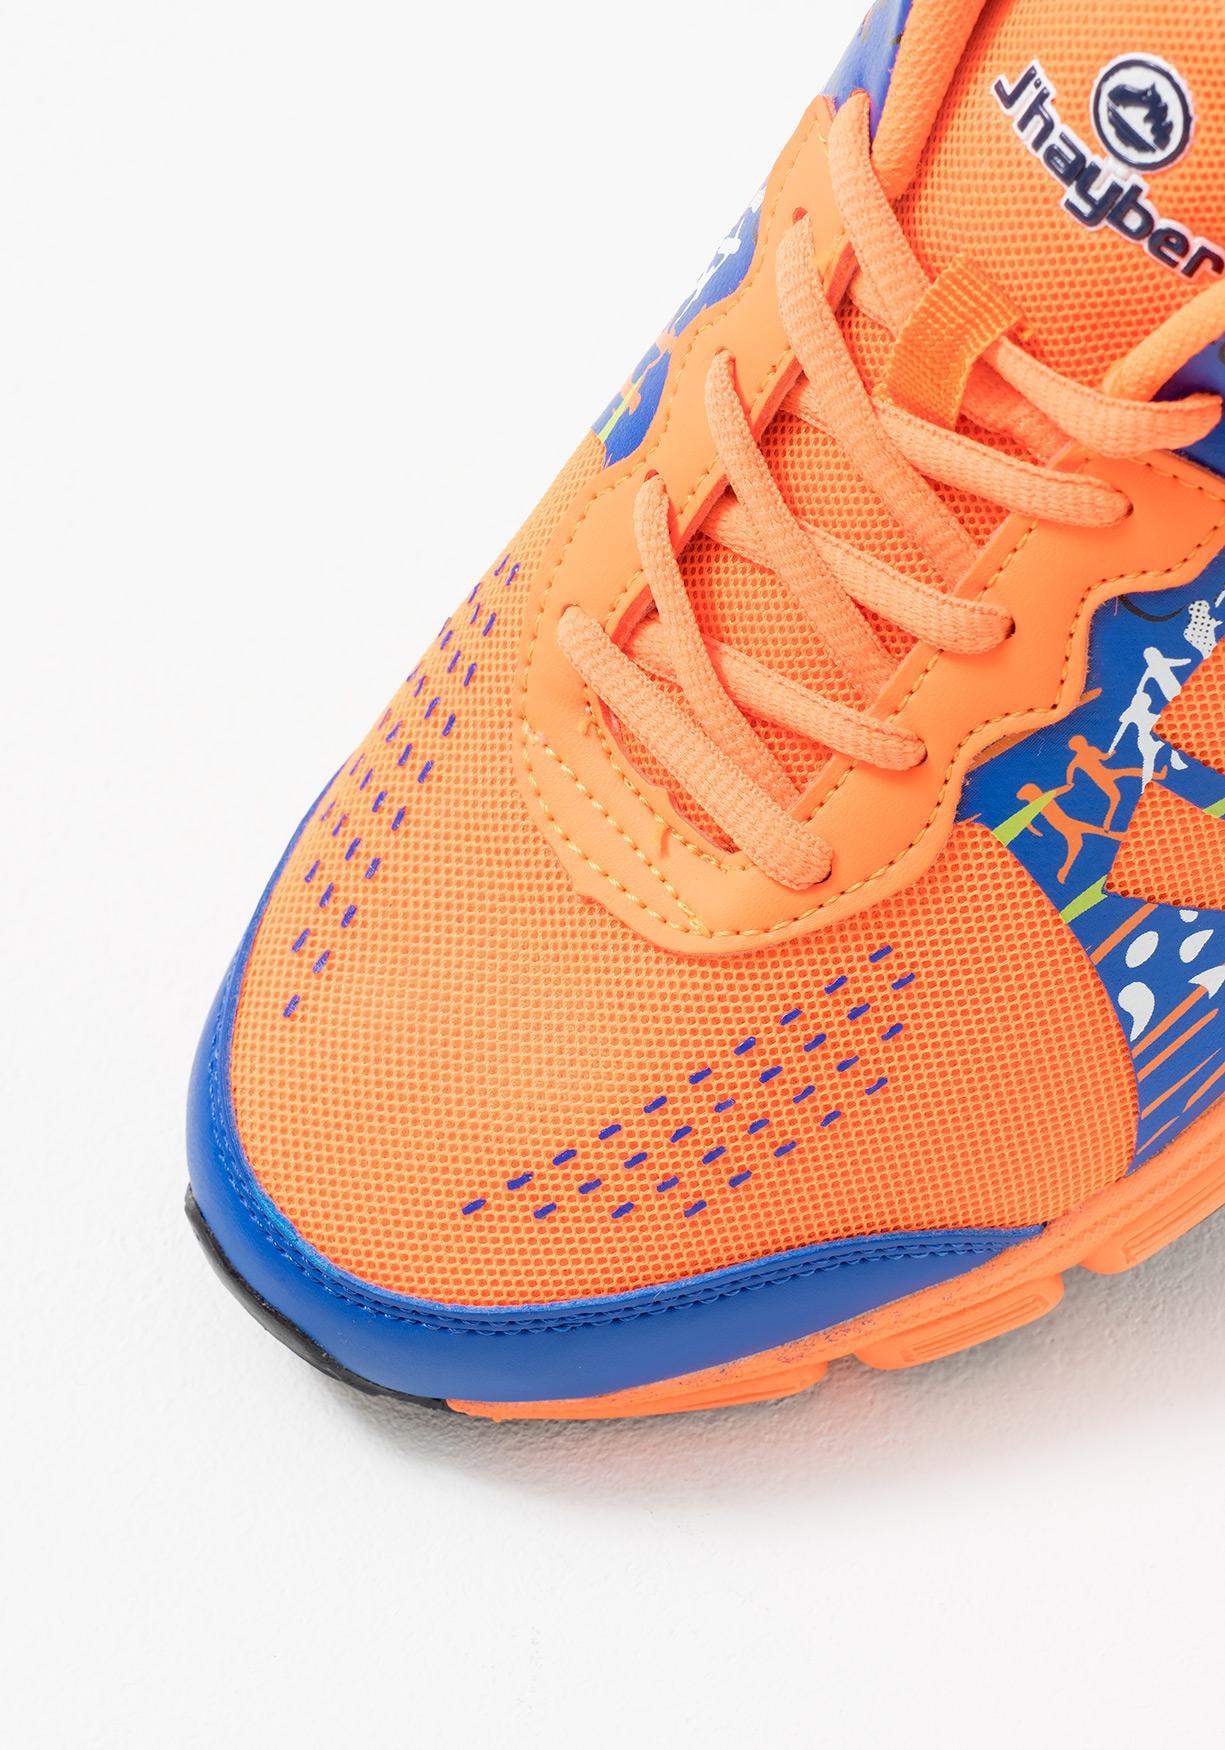 Deporte Comprar Zapatillas De Nuestros J´hayber¡aprovéchate O8nw0kP